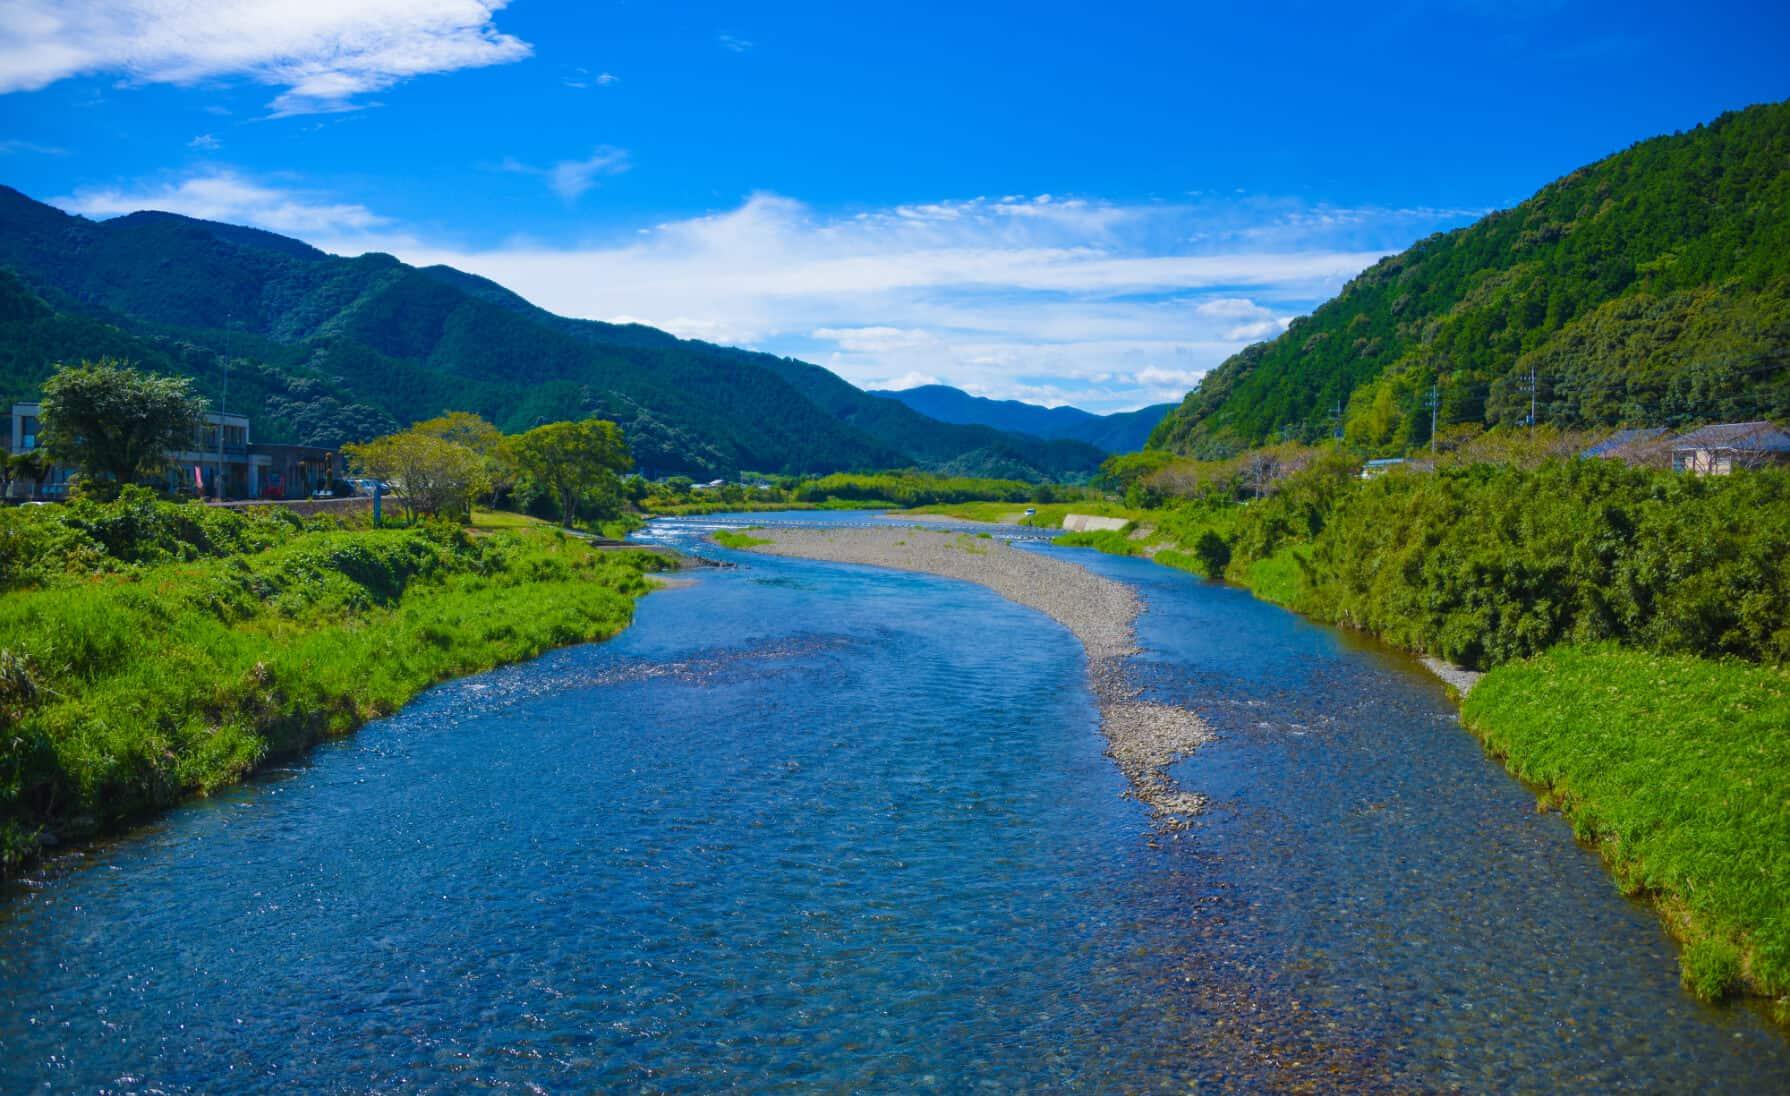 Shinjo River